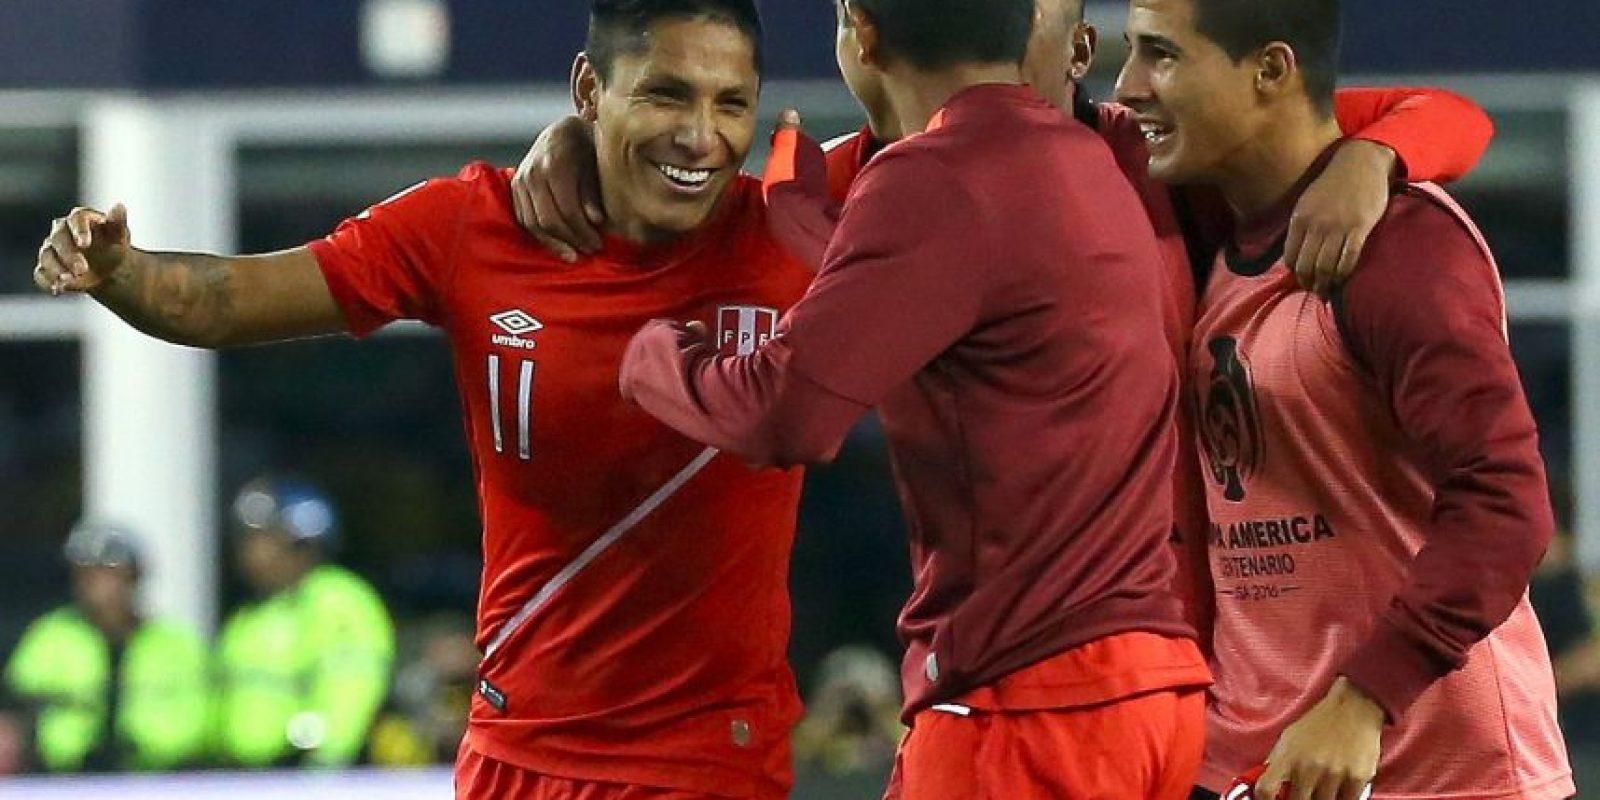 Perú venció en el Grupo B y clasificó a la siguiente ronda tras ganar de forma polémica a Brasil. El gol con la mano de Raúl Ruidíaz le permitió a los incaicos vencer por 1 a 0 y asegurar su cupo en la siguiente fase Foto:Getty Images